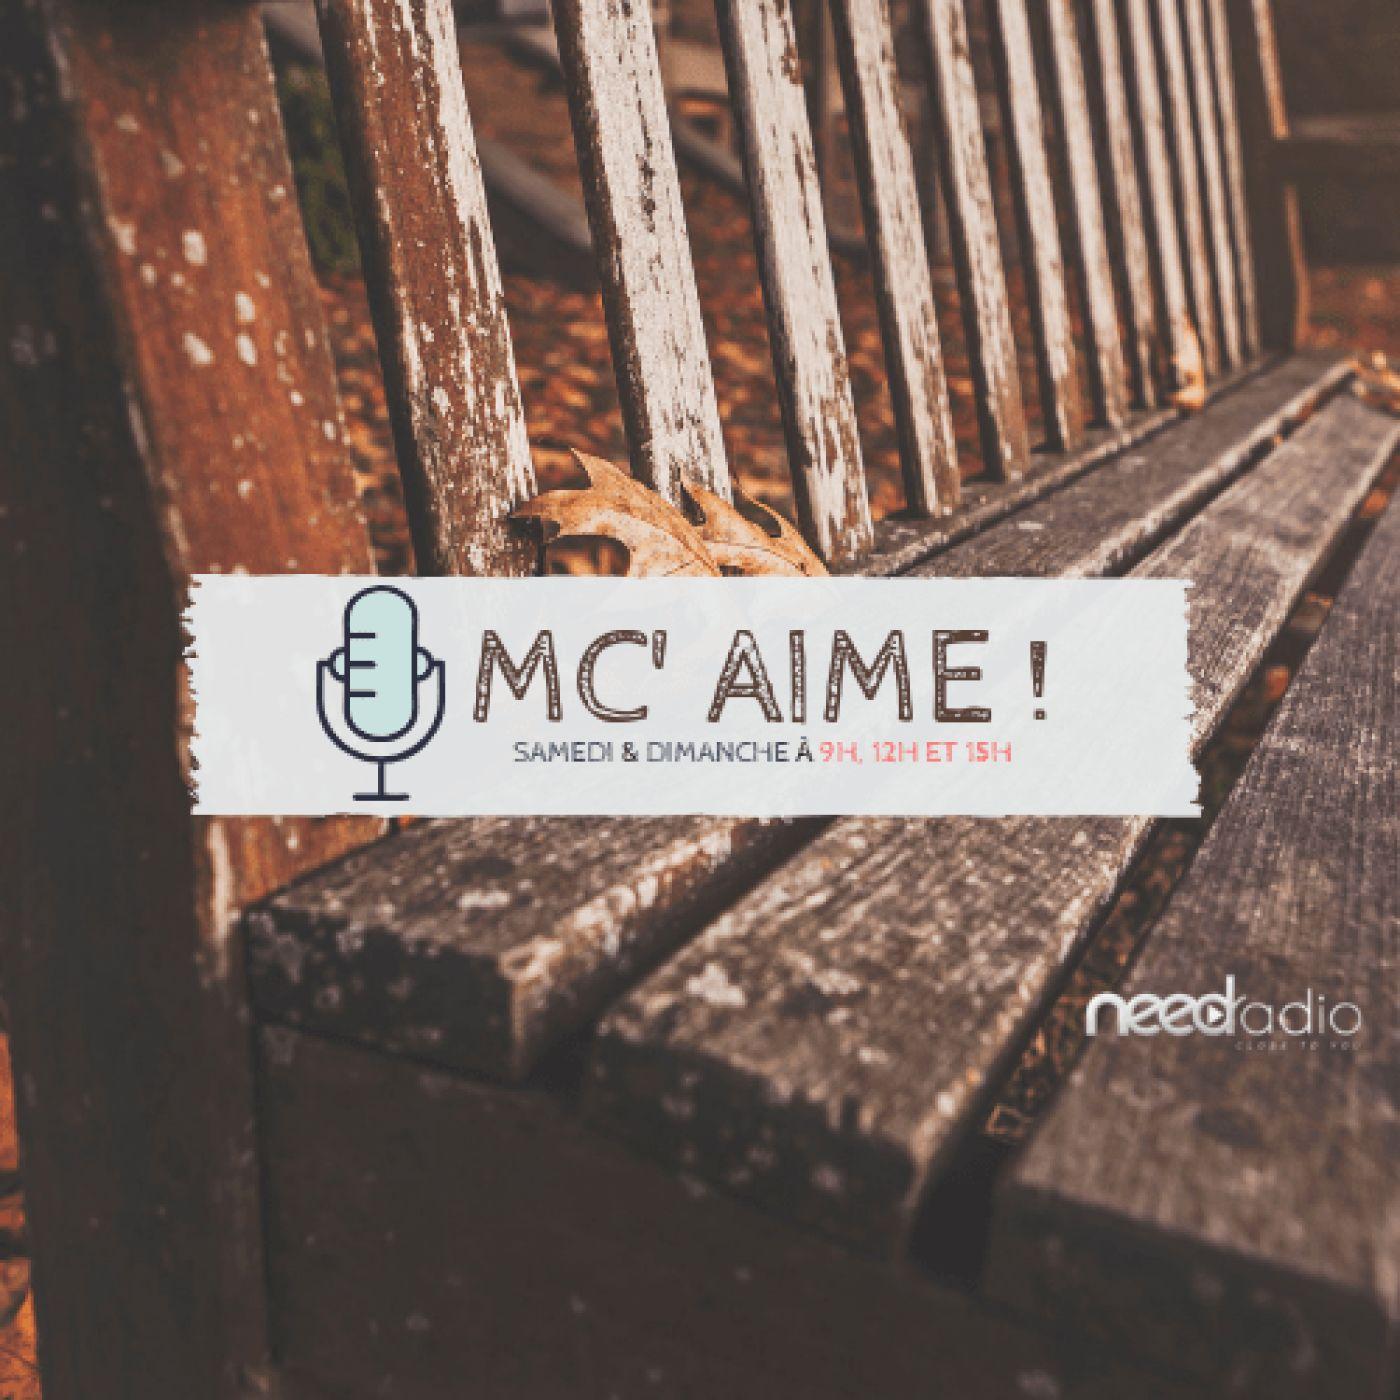 MC' Aime - Le Theatre Firmin Gémier la Piscine qui f^tes ses 10ans